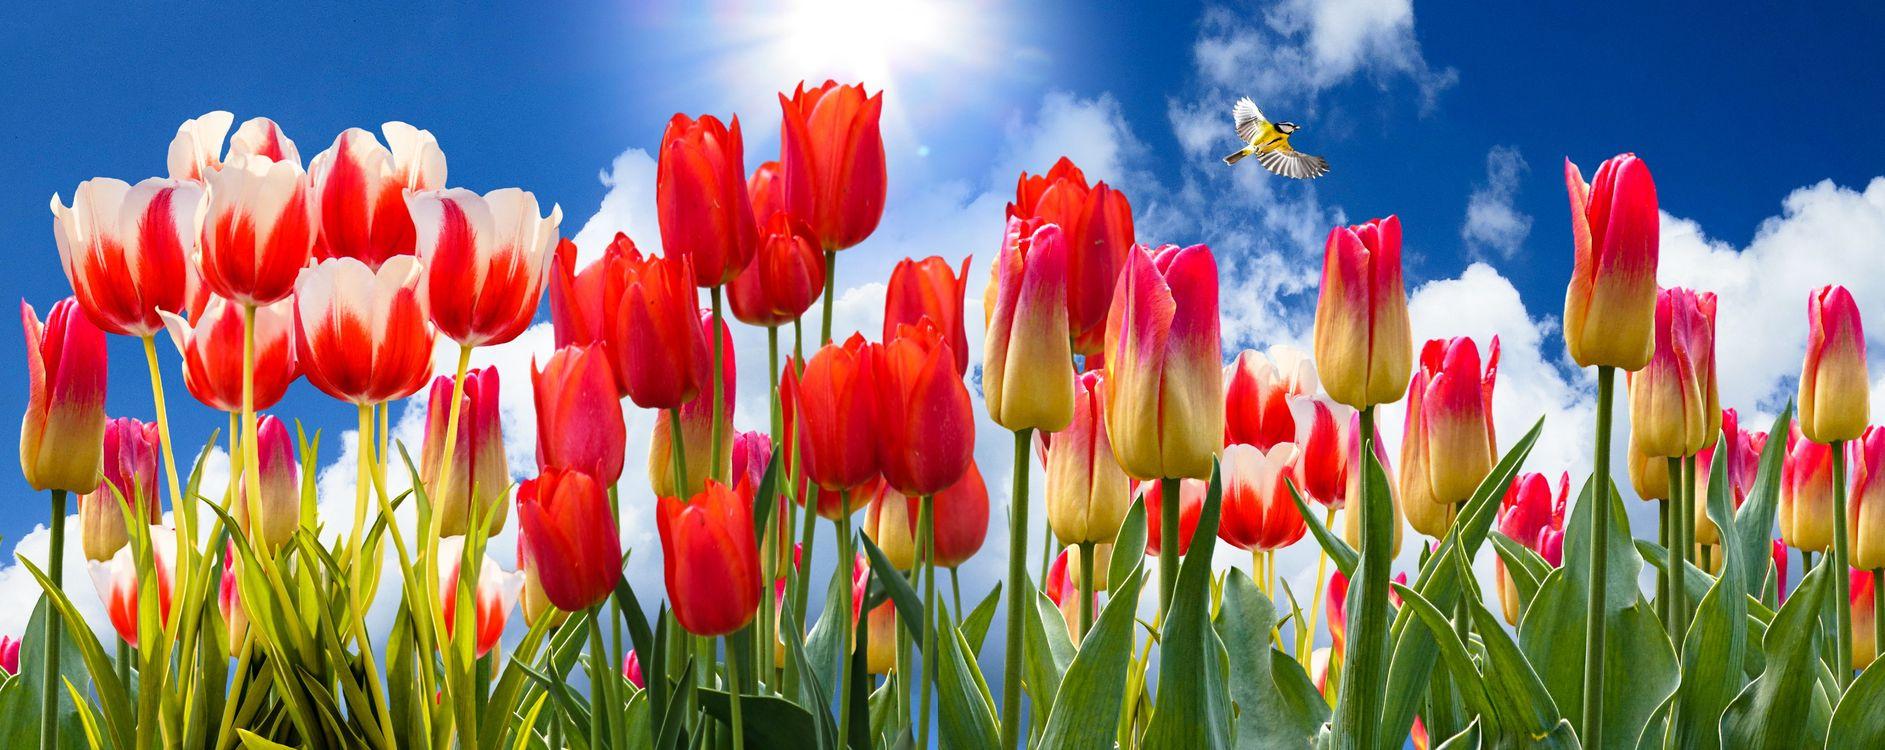 Обои поле, тюльпаны, цветы, флора, небо, птица, синица, панорама на телефон | картинки цветы